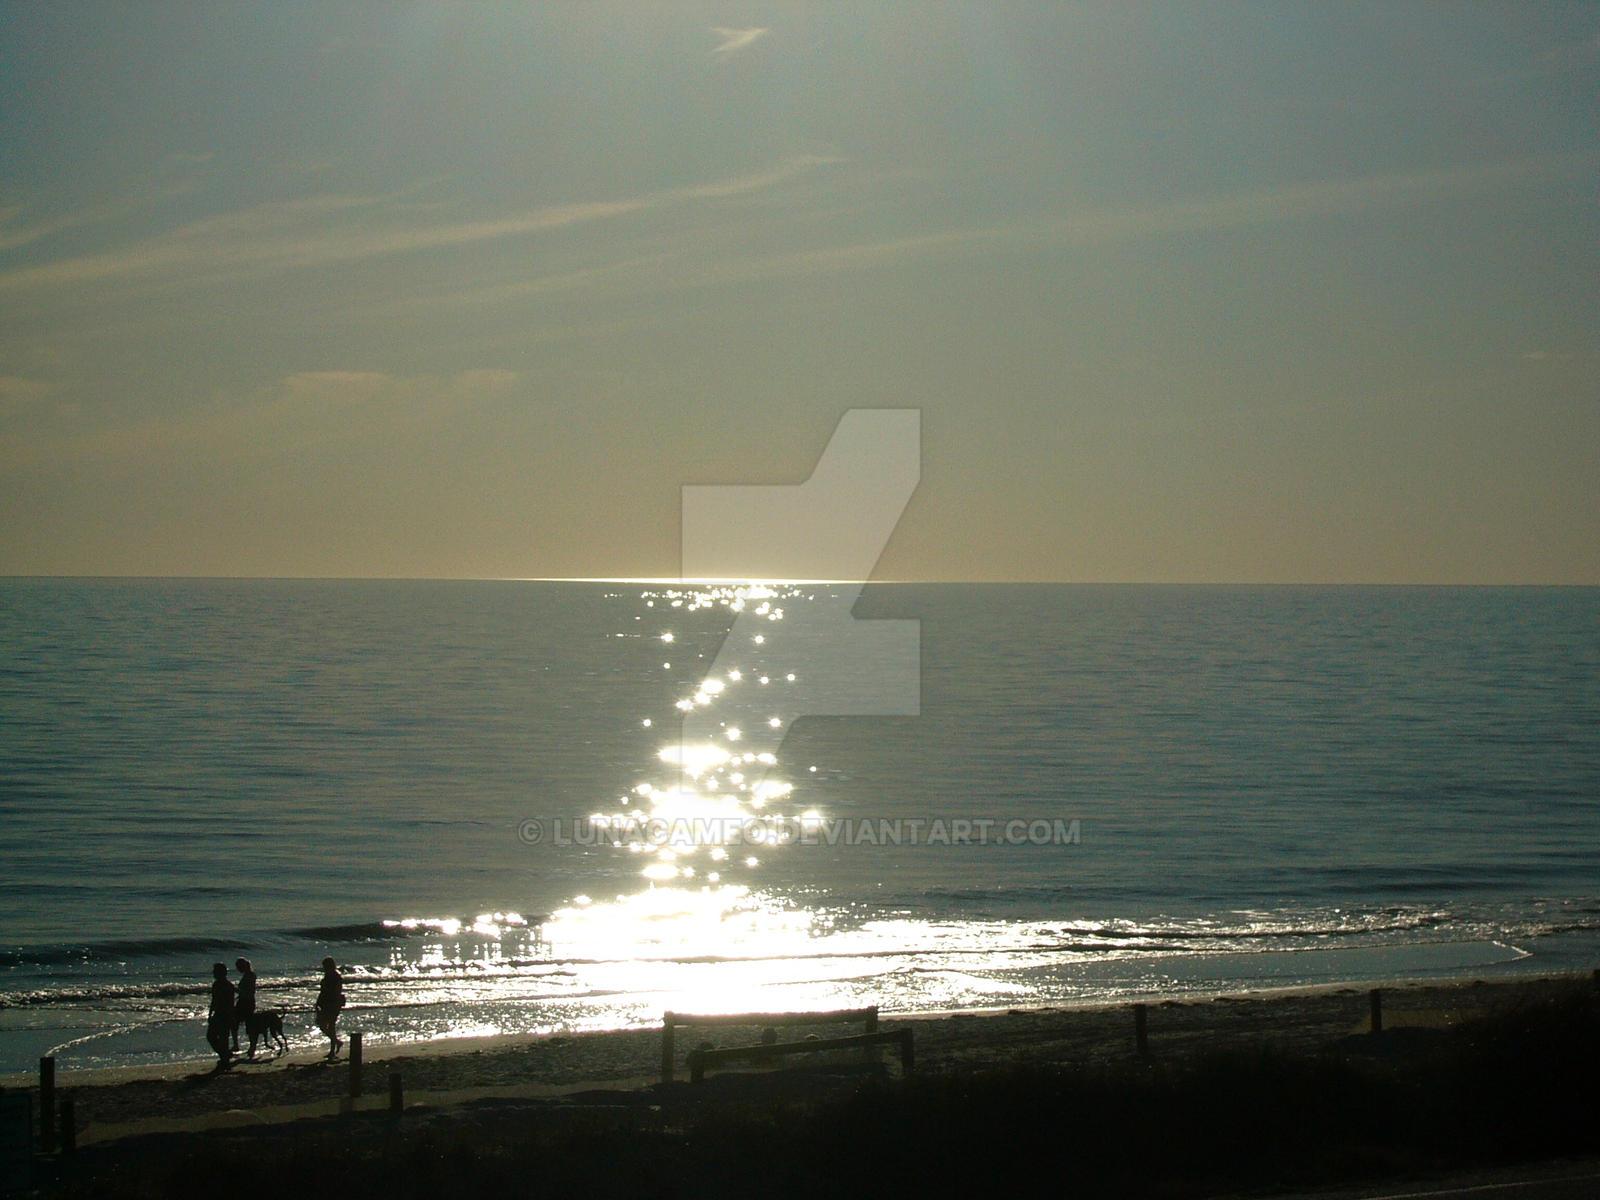 No Sun Reflection